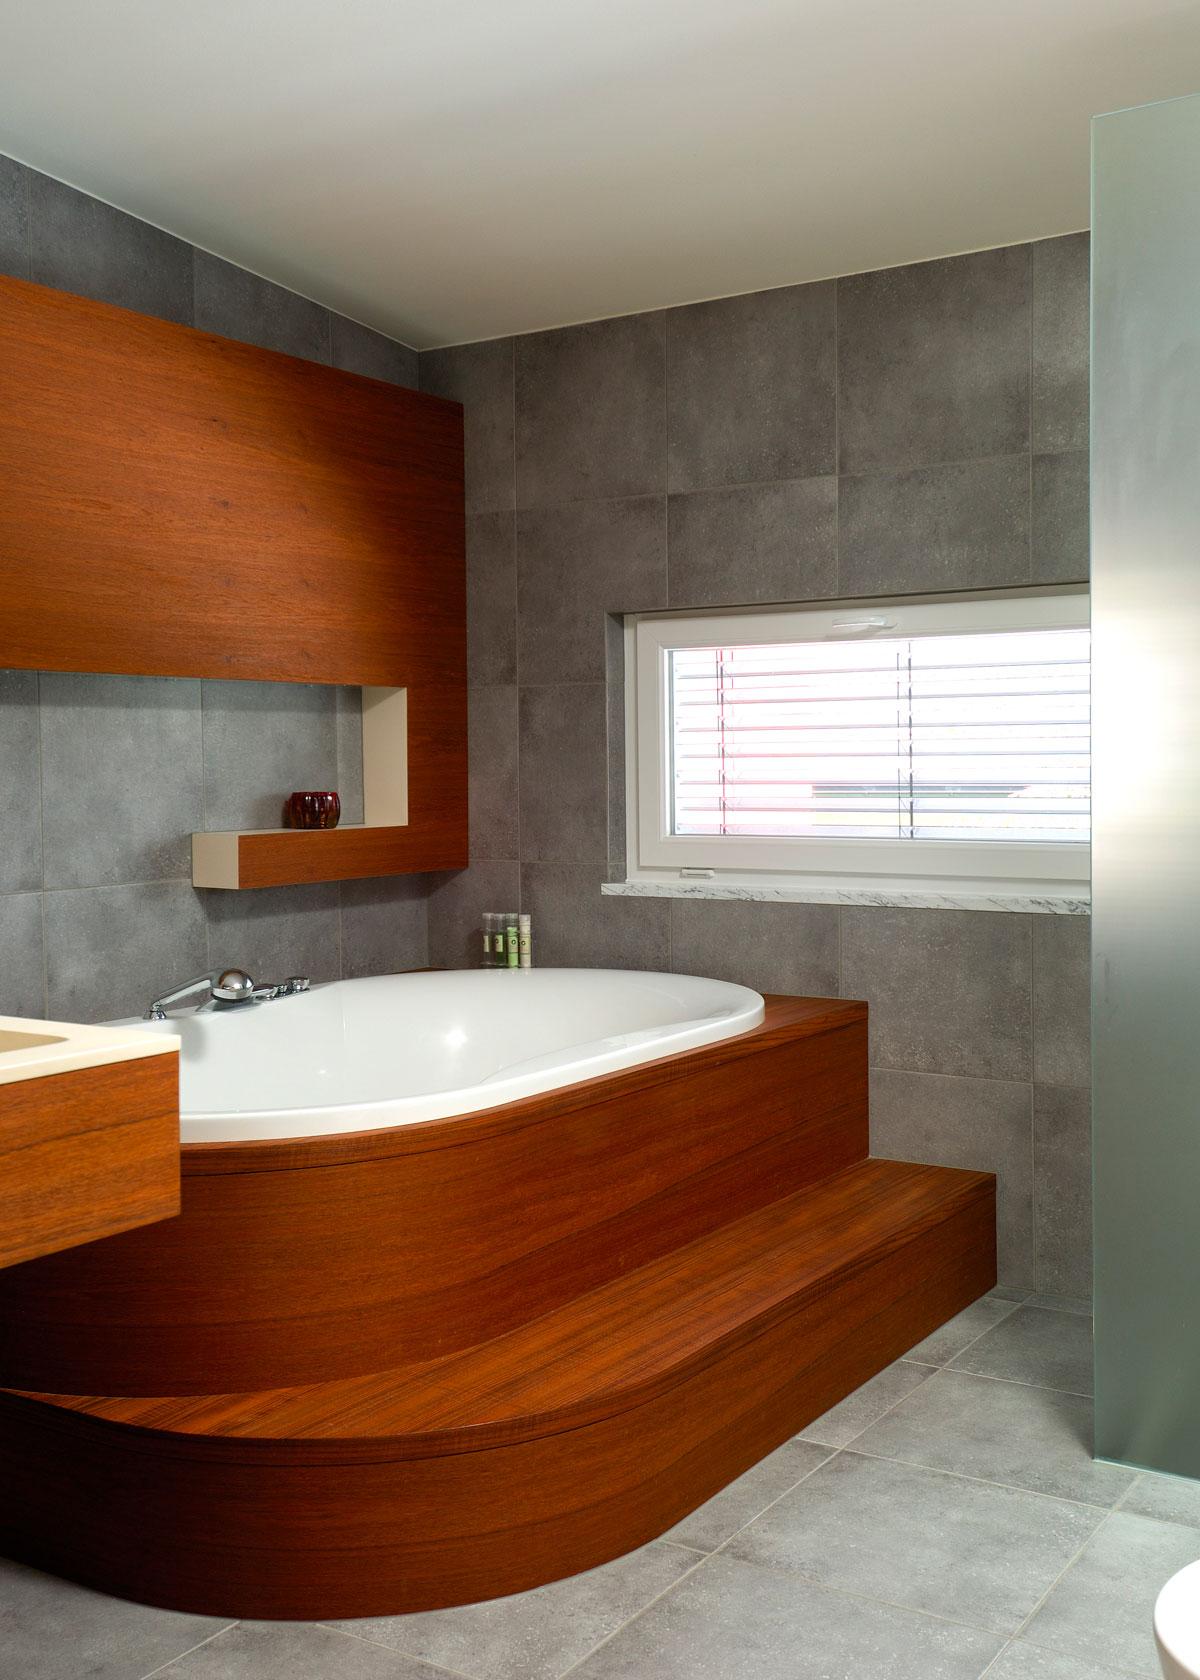 interier kopalniške opreme